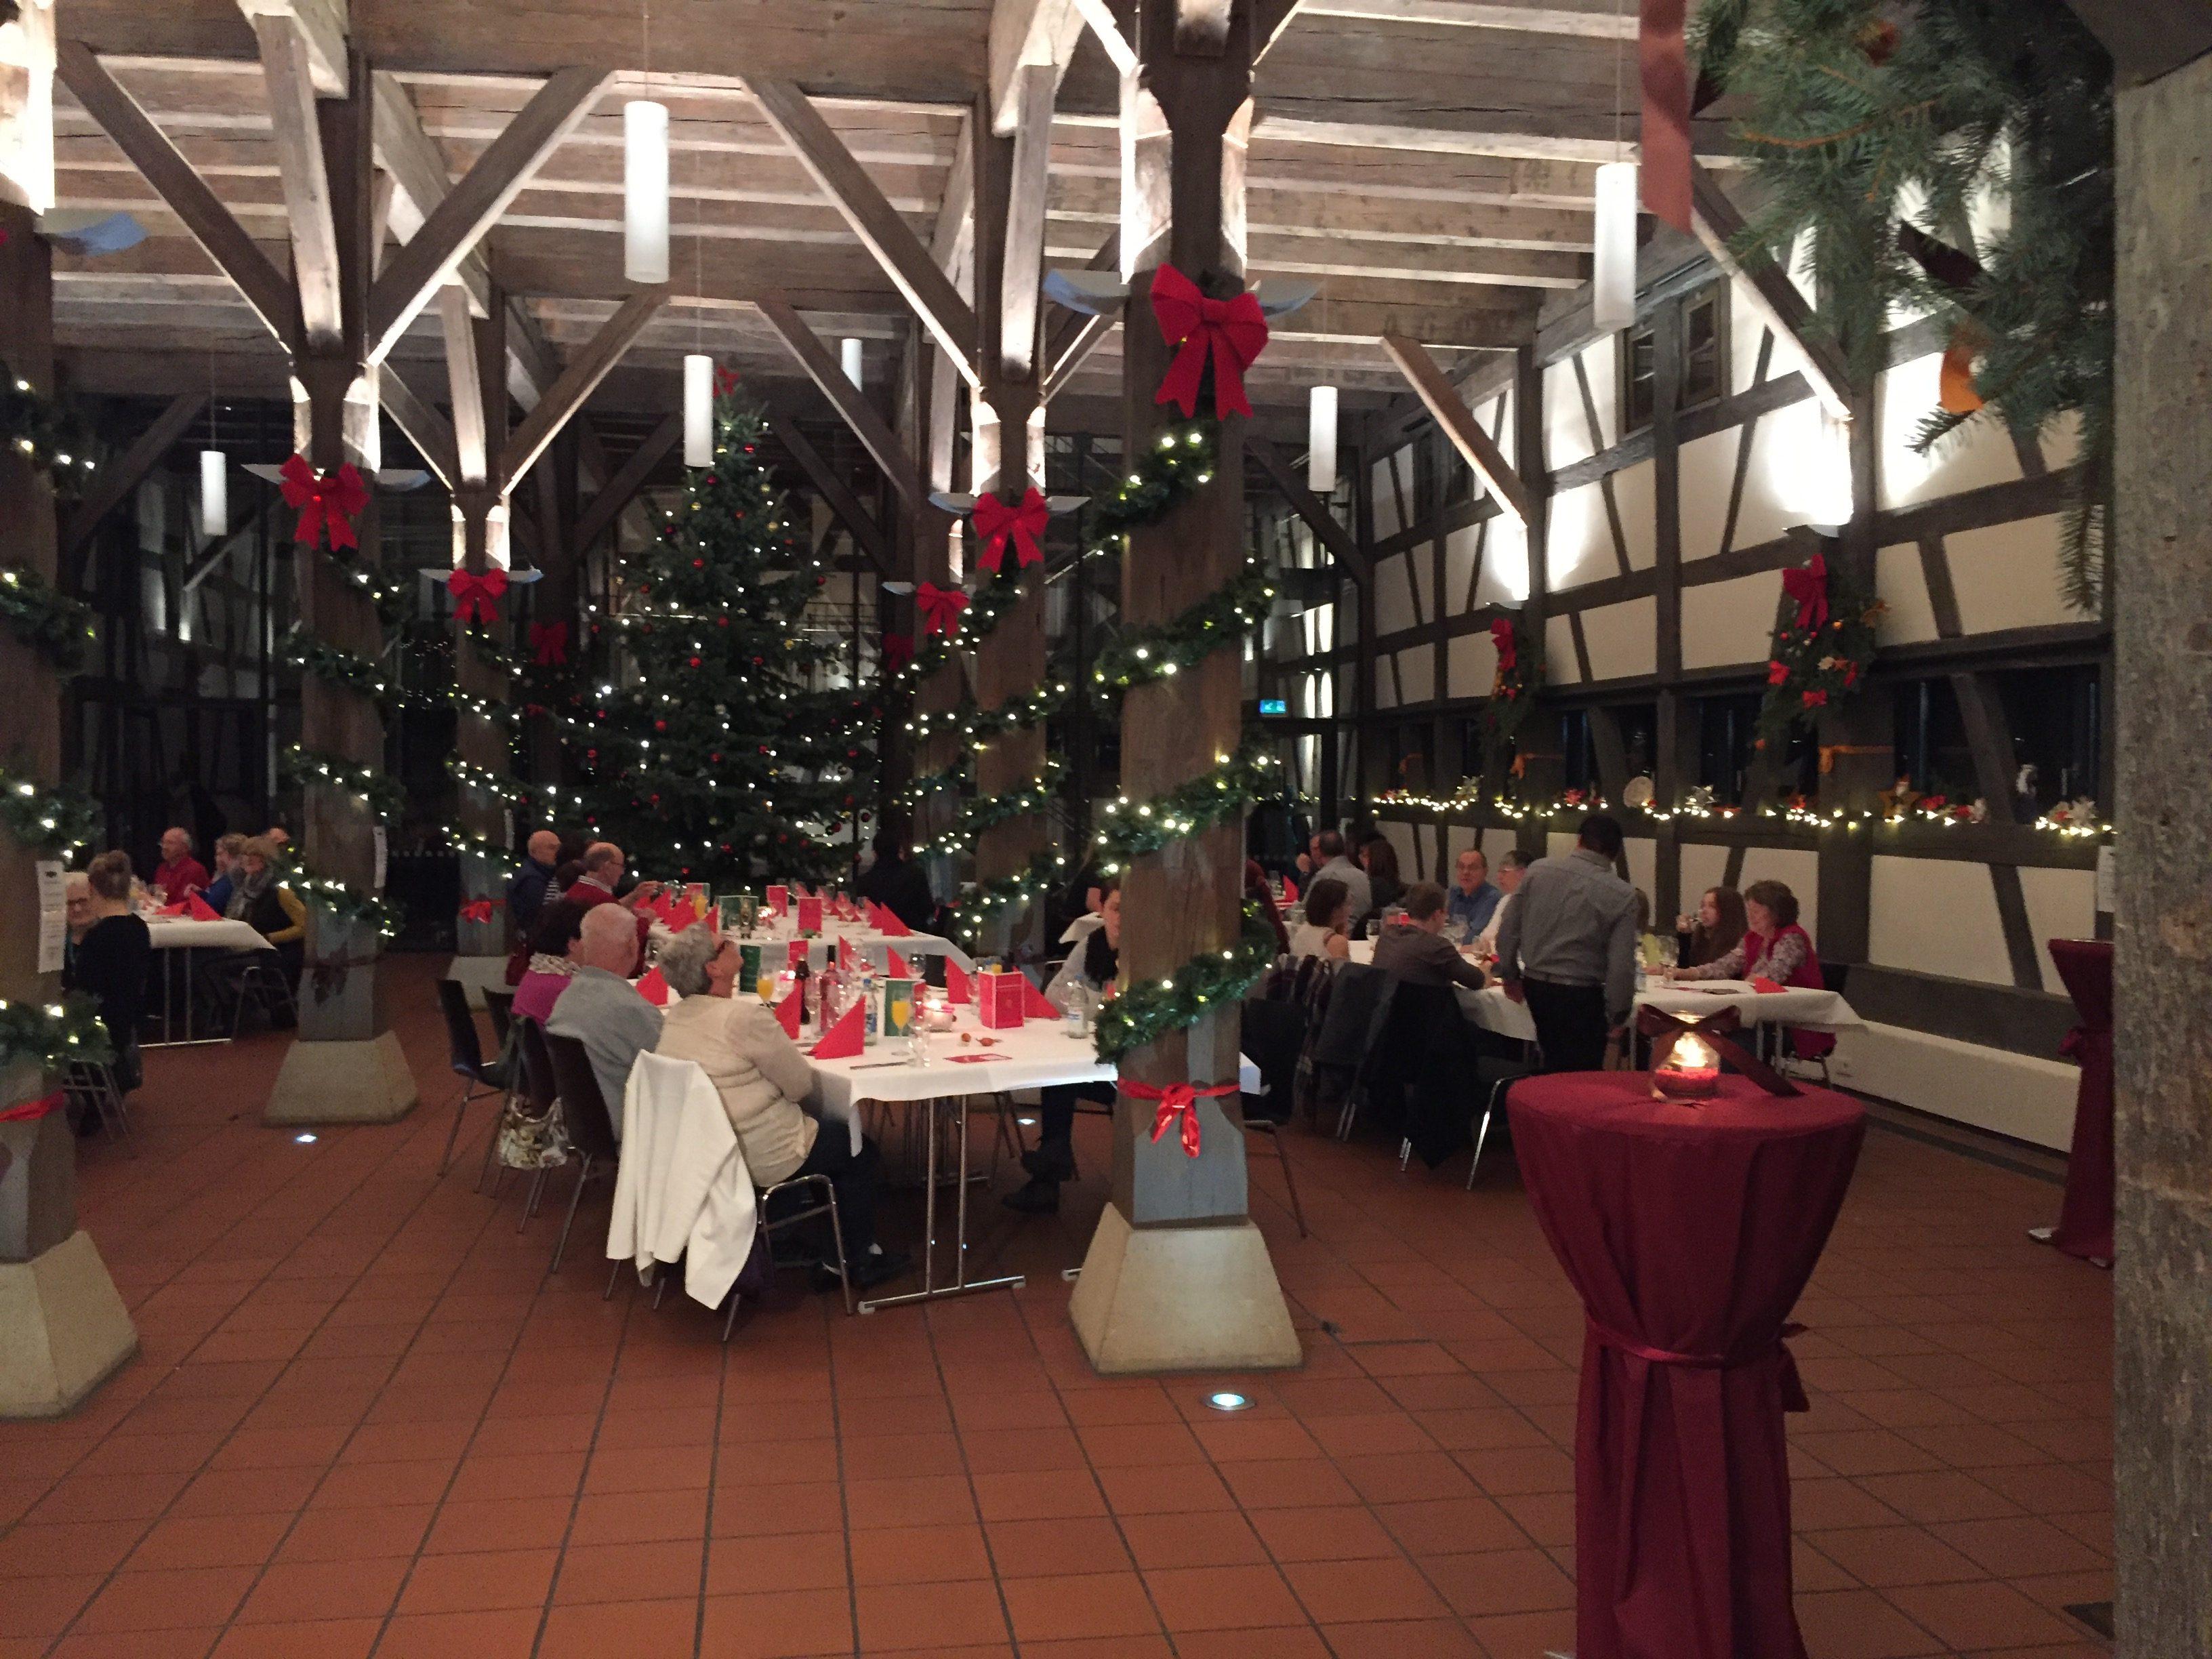 Die festlich geschmückten Tafeln fügen sich hervorragend in das weihnachtliche Ambiente der historischen Kelter ein.